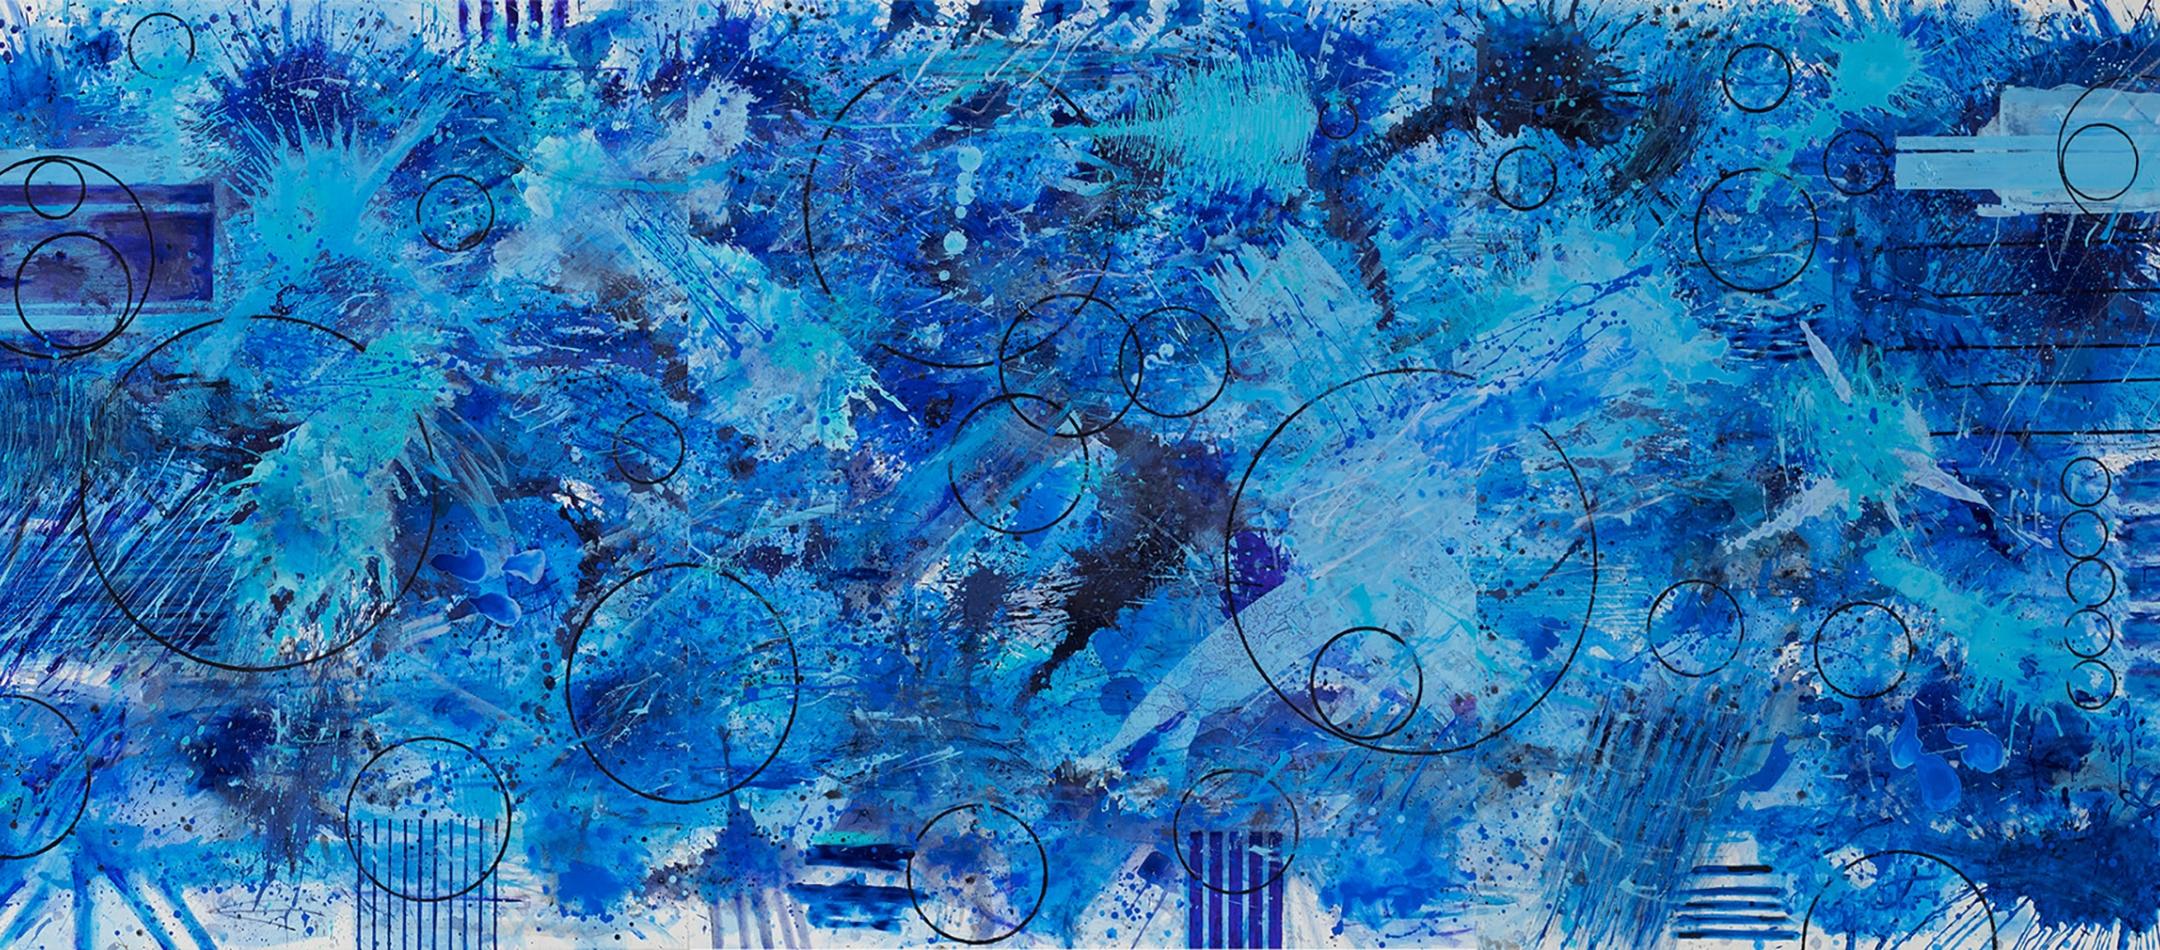 J. Steven Manolis, BlueLand-Splash, 2018, 72x180, Acrylic on canvas